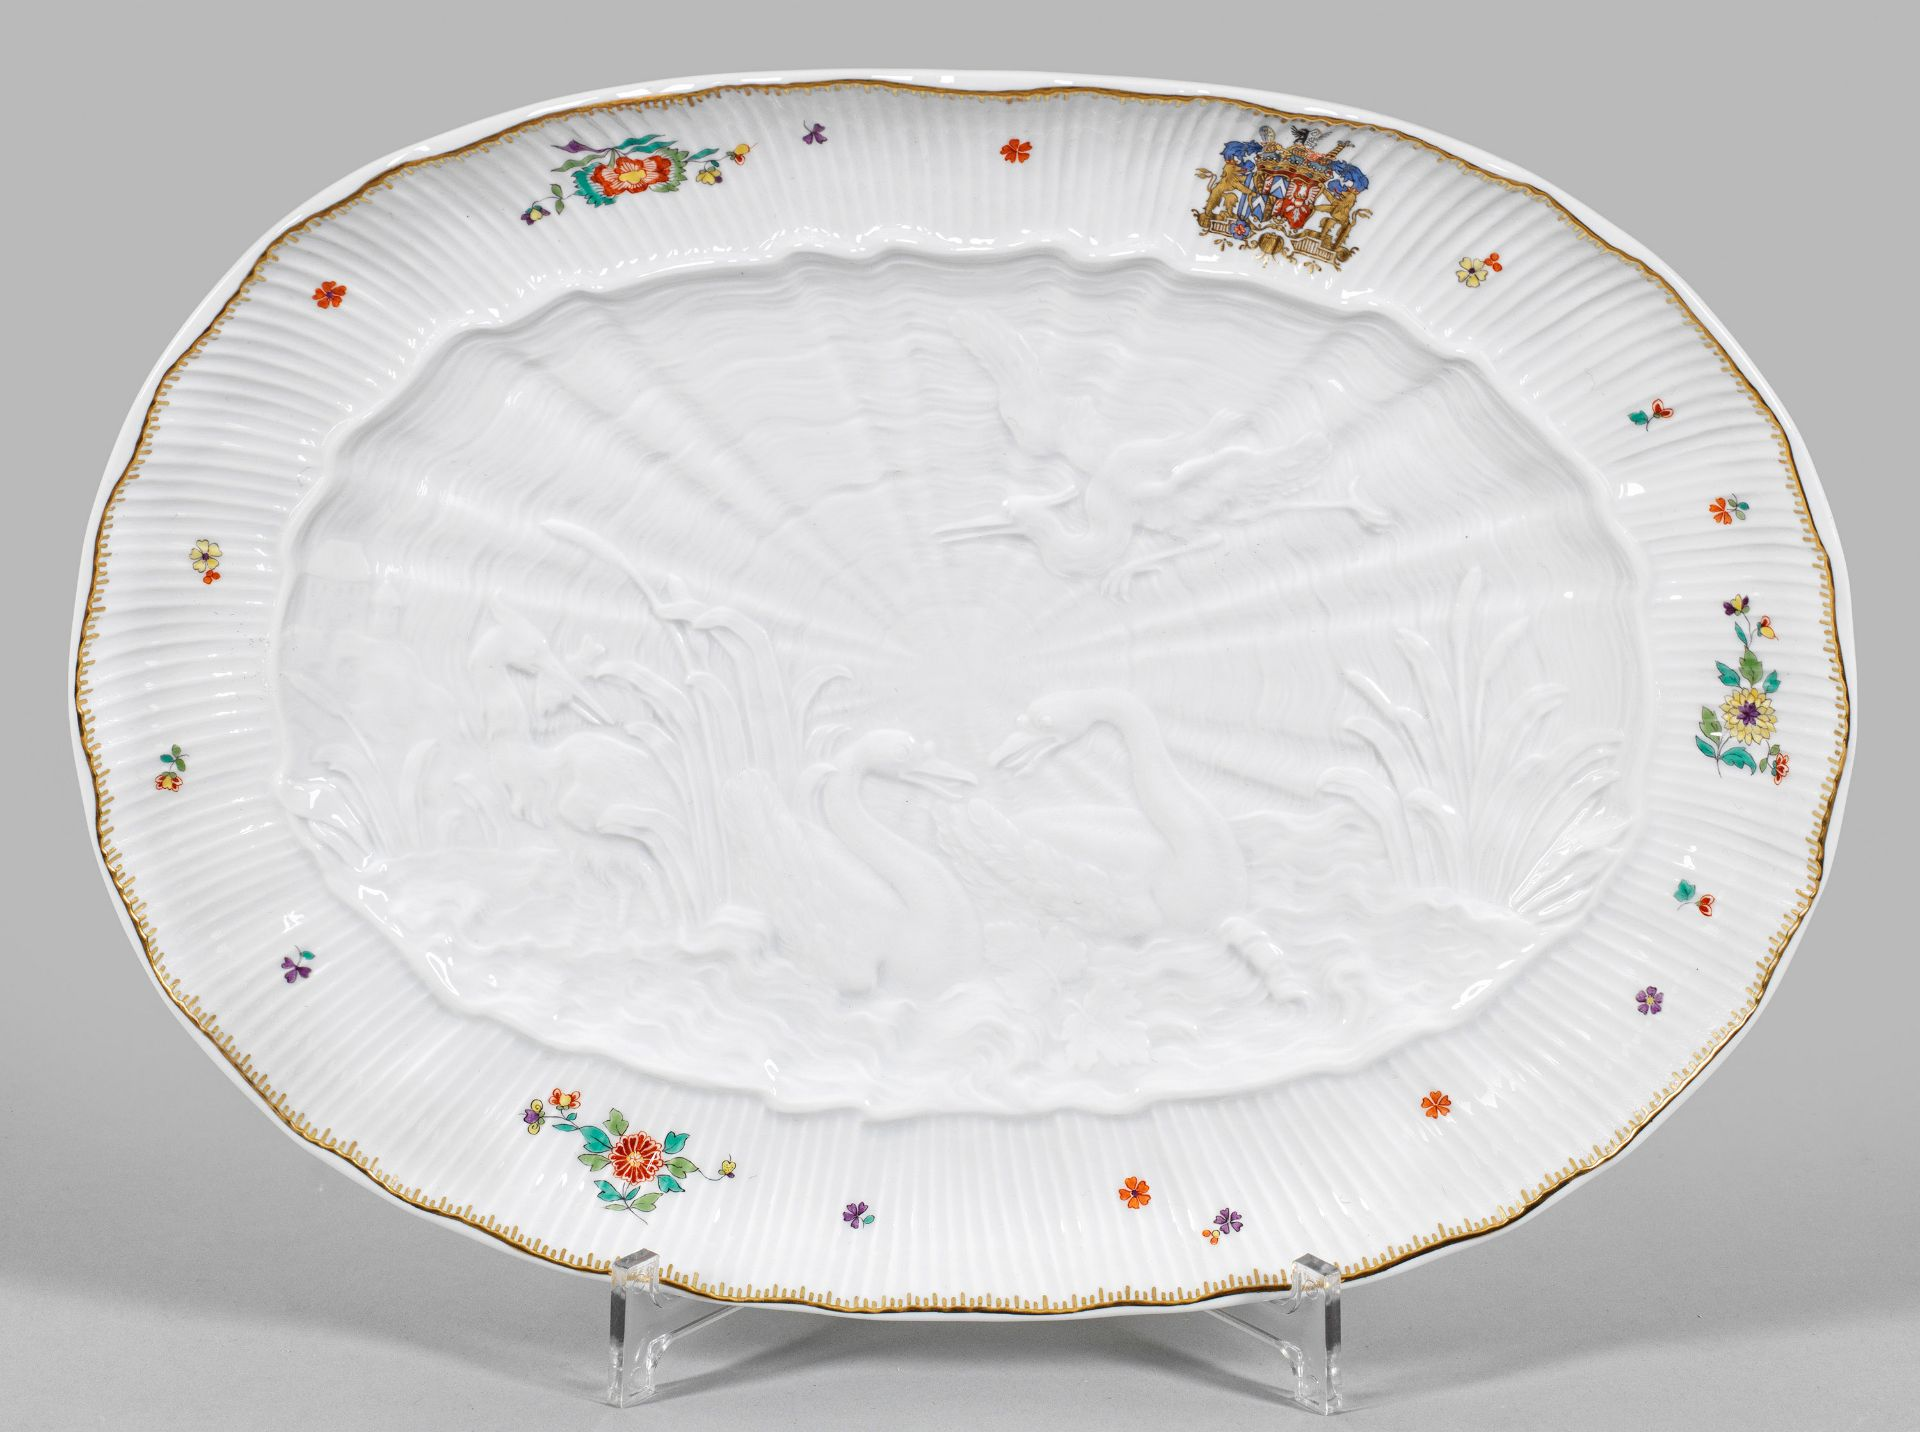 Ovale Anbietplatte mit Schwanenservice-Dekor